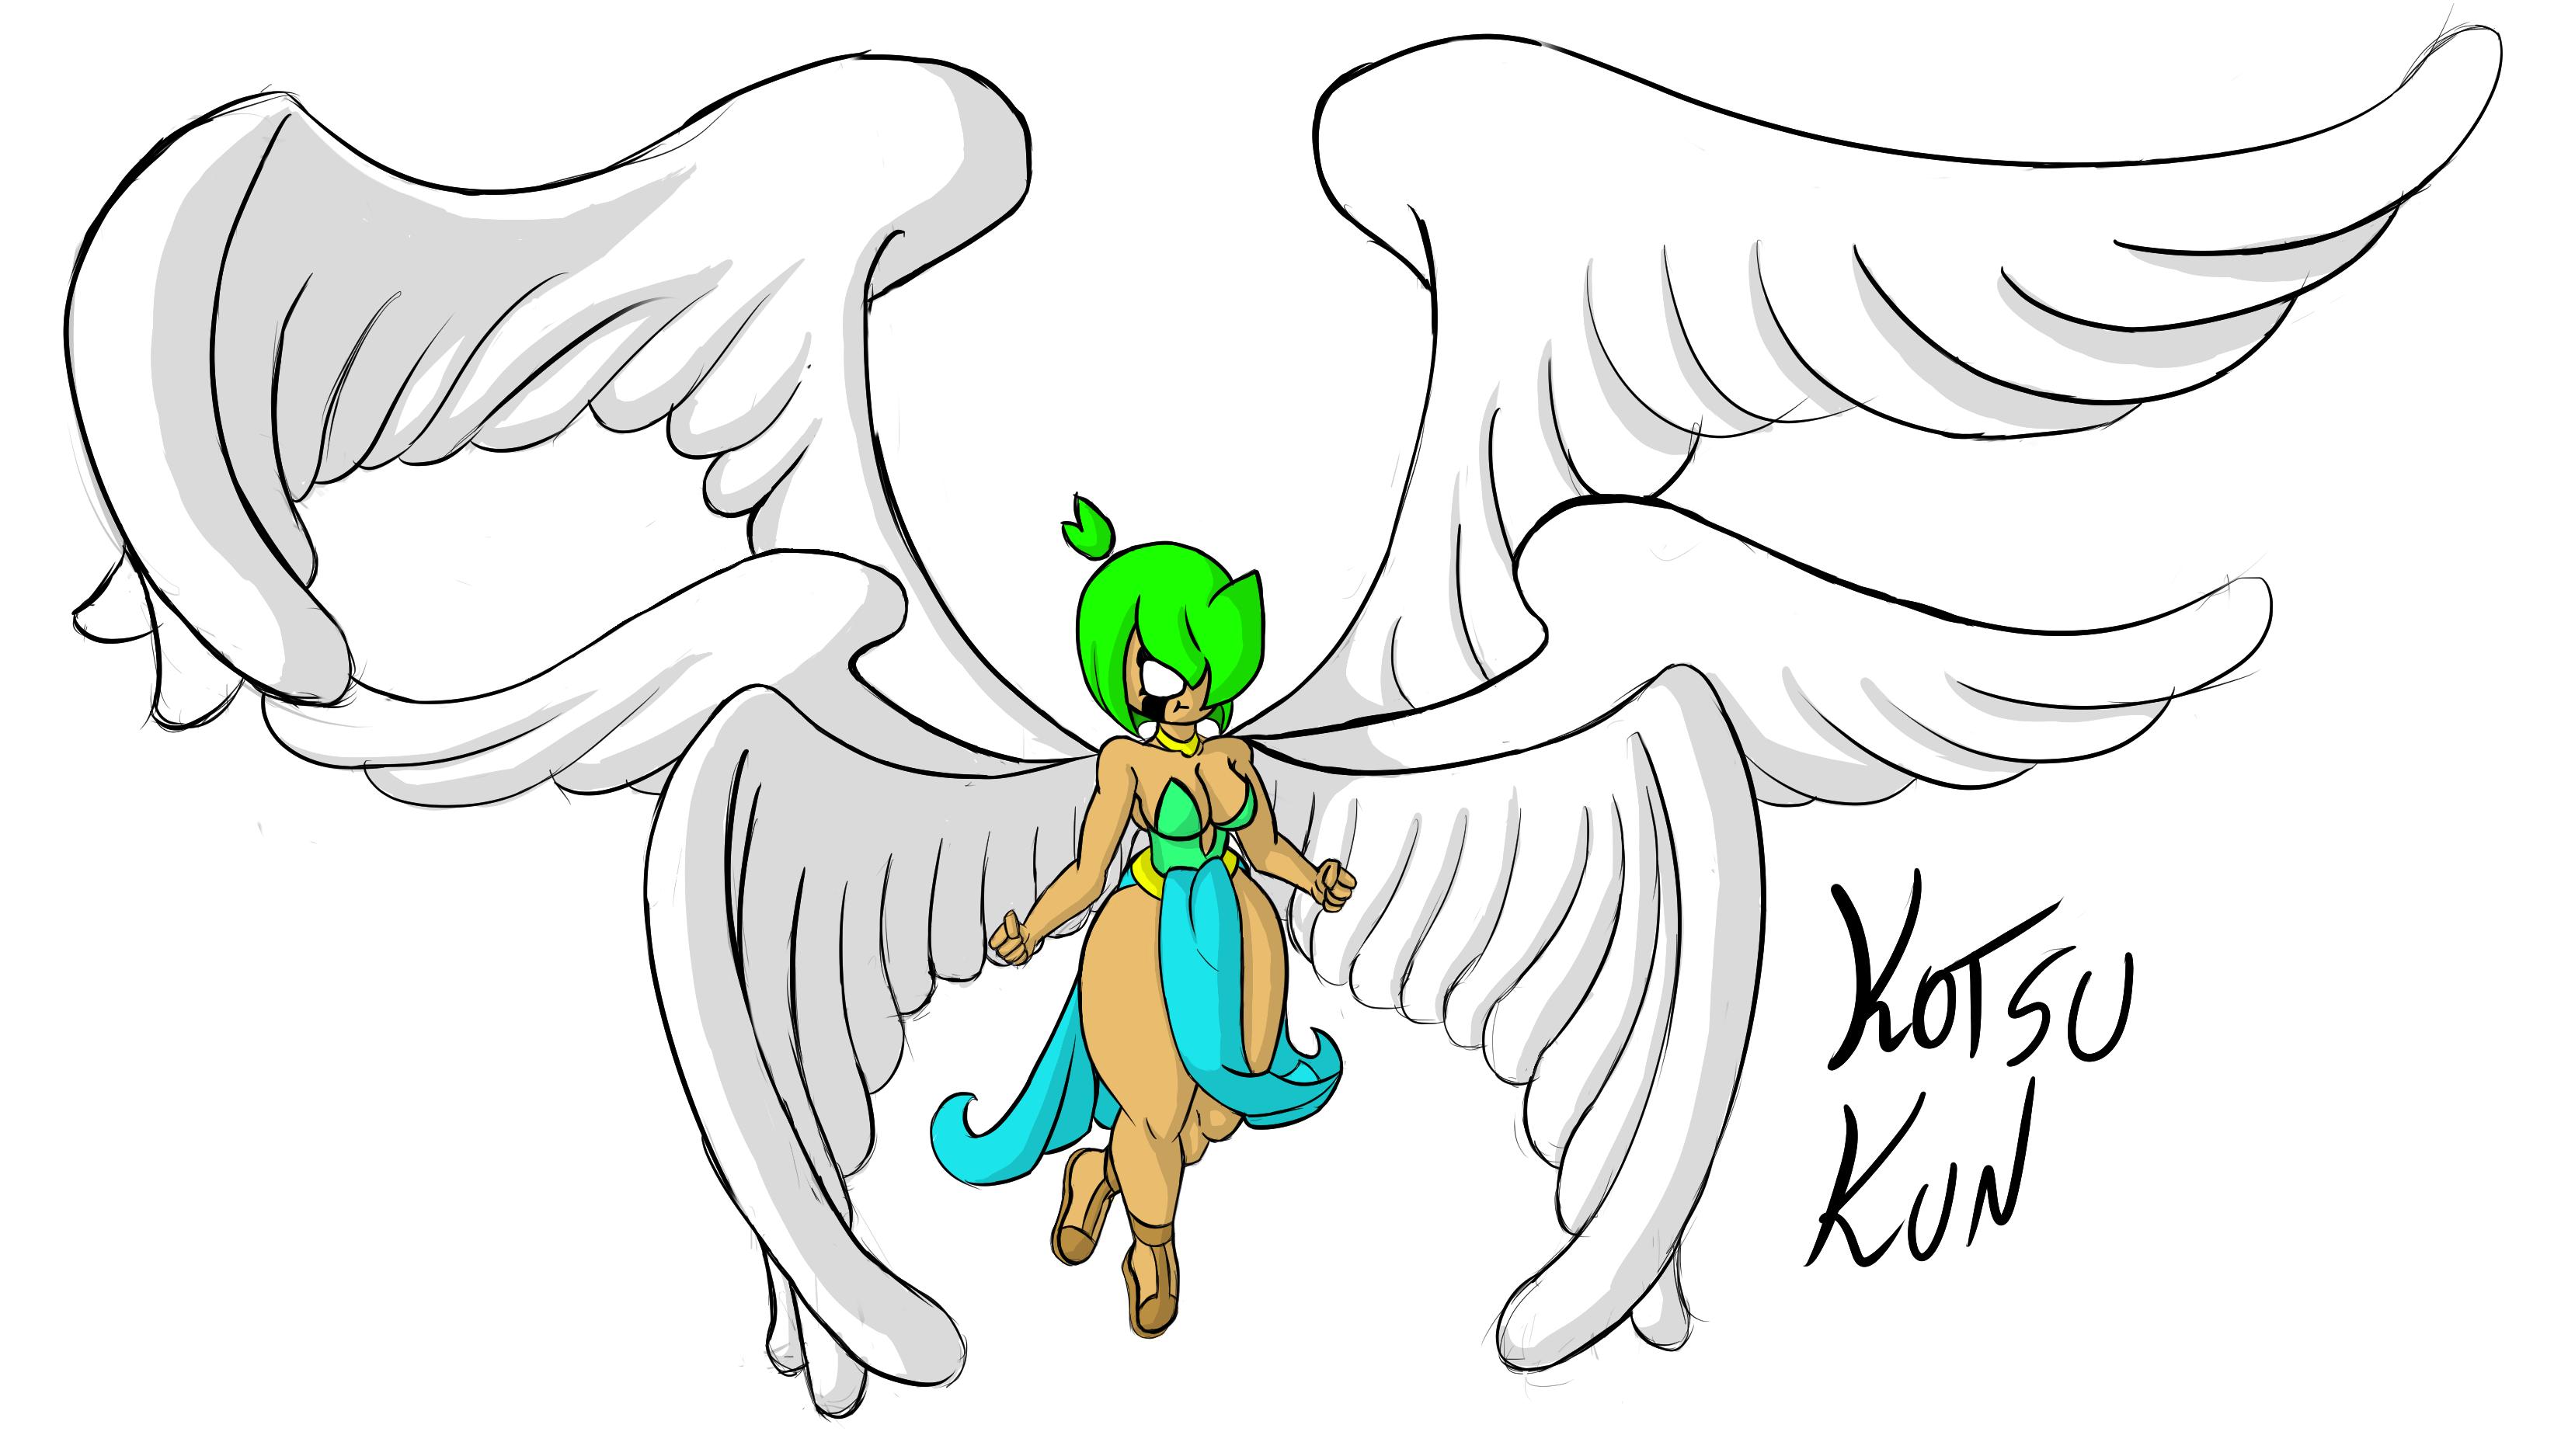 Kannia (Divine mode)